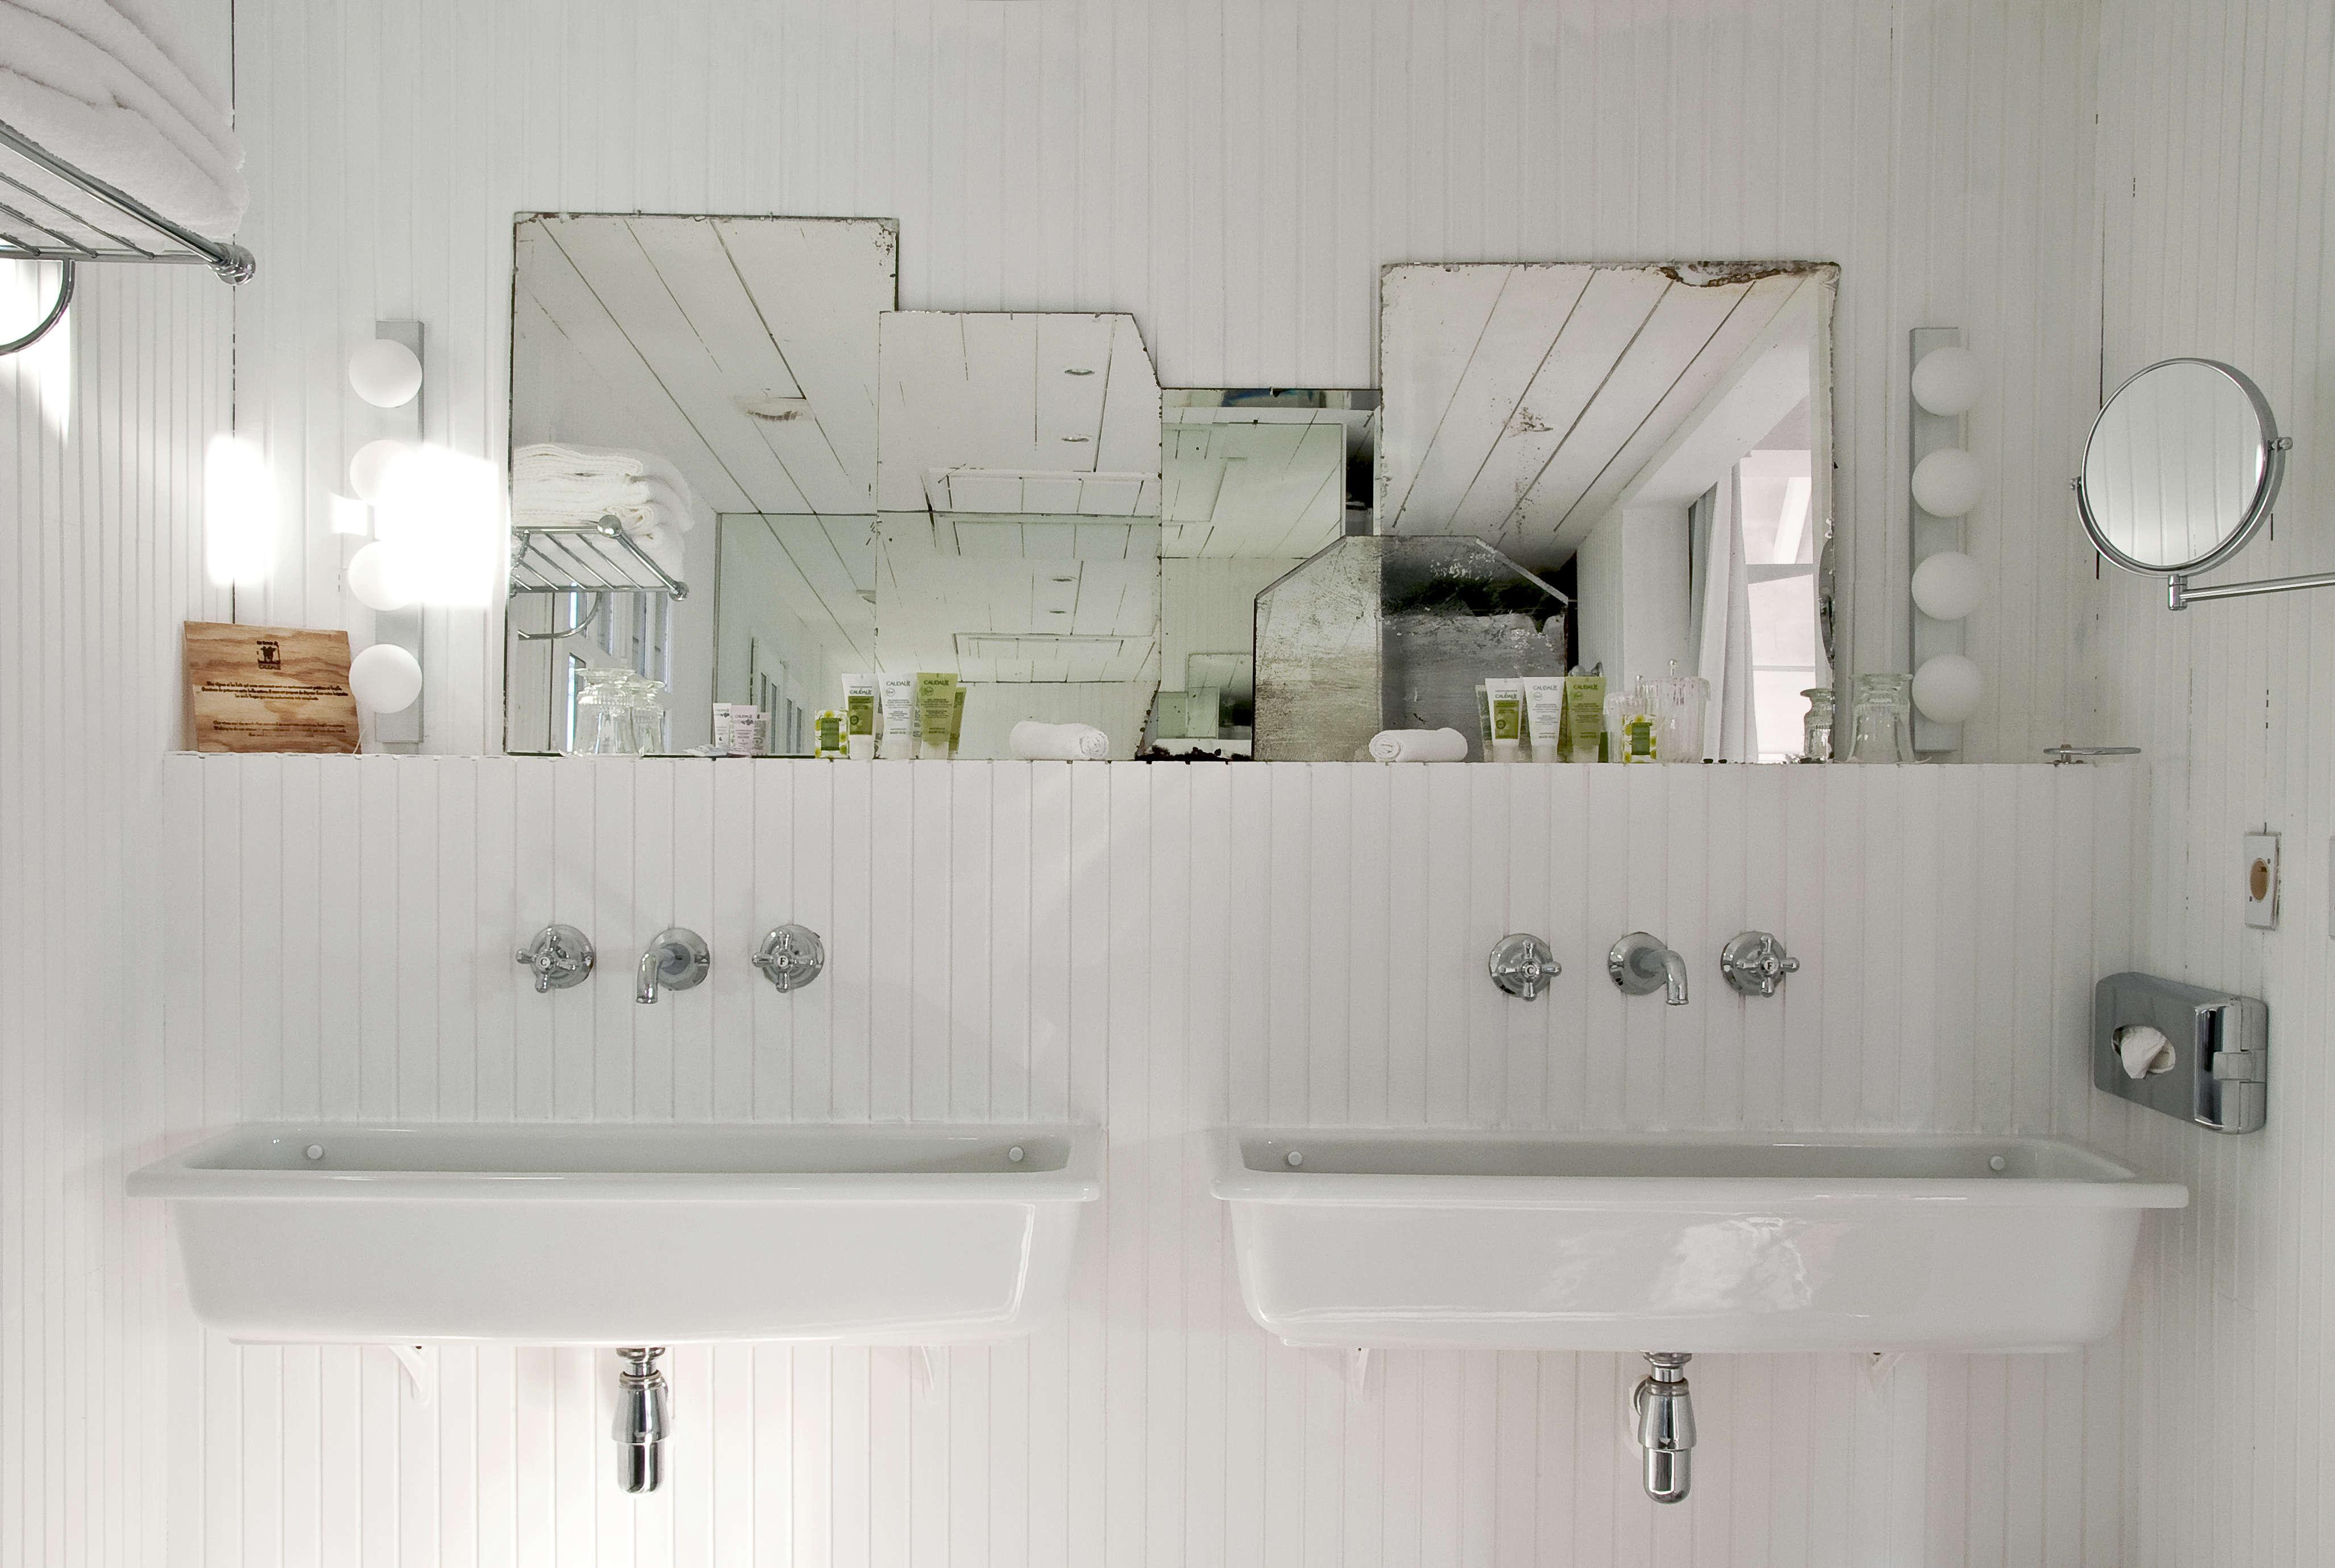 Trend Alert: 11 Deconstructed Baths | Remodelista: Sourcebook for ...